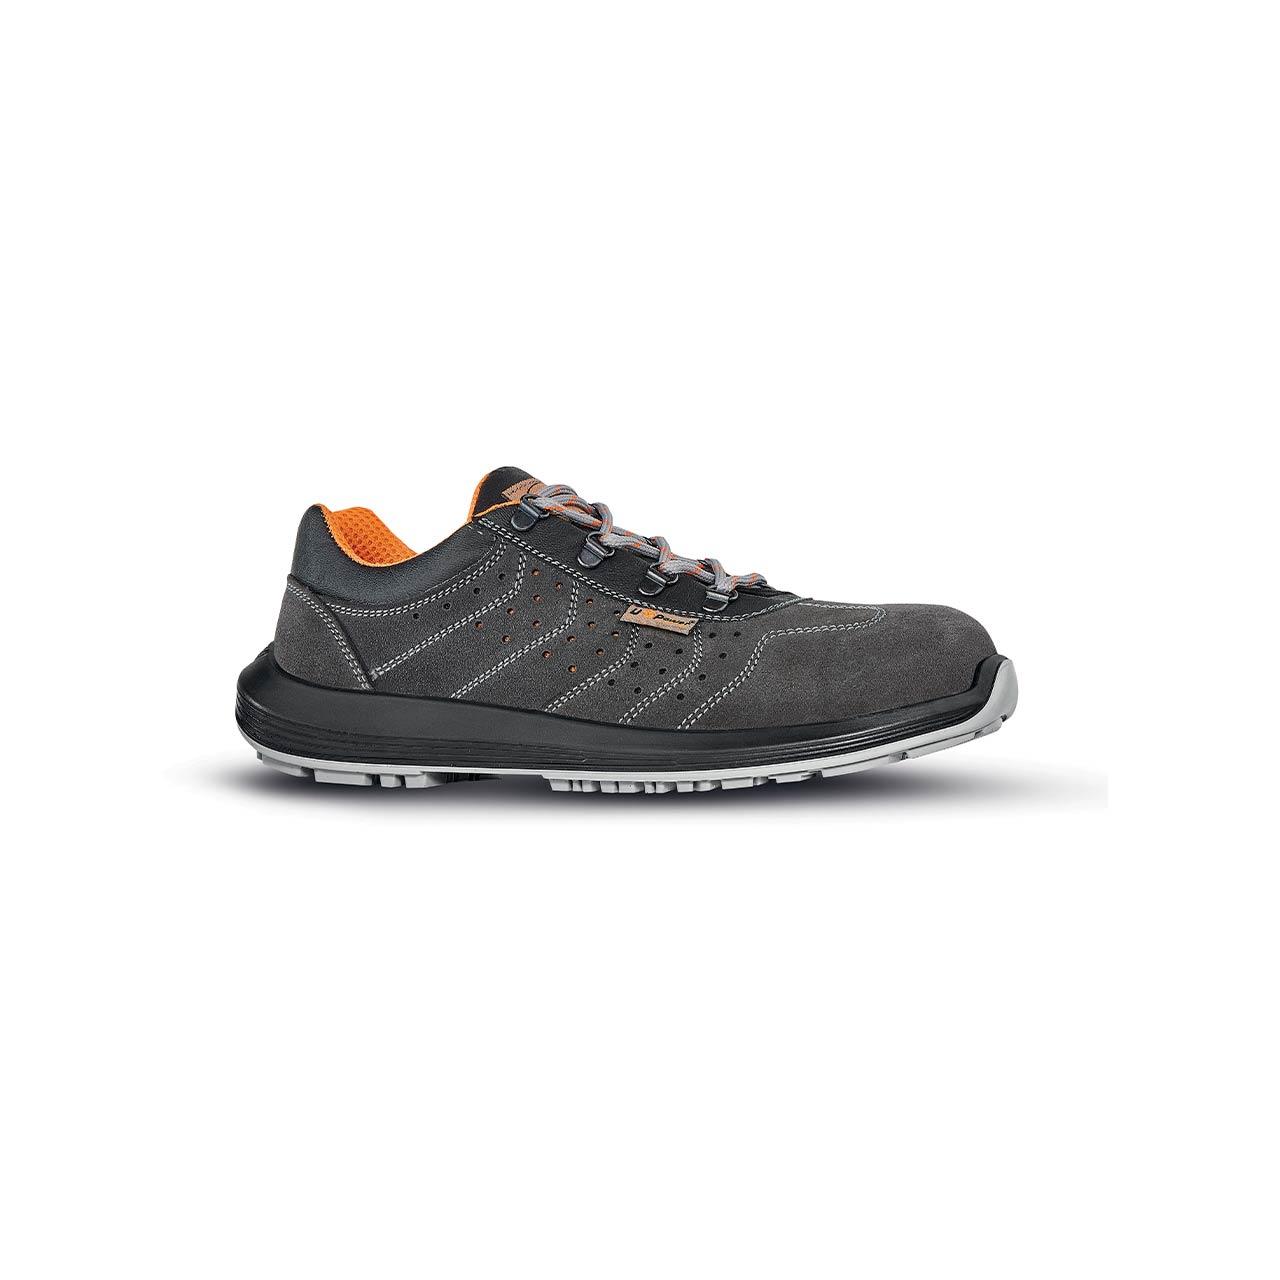 scarpa antinfortunistica upower modello april linea stepone vista laterale